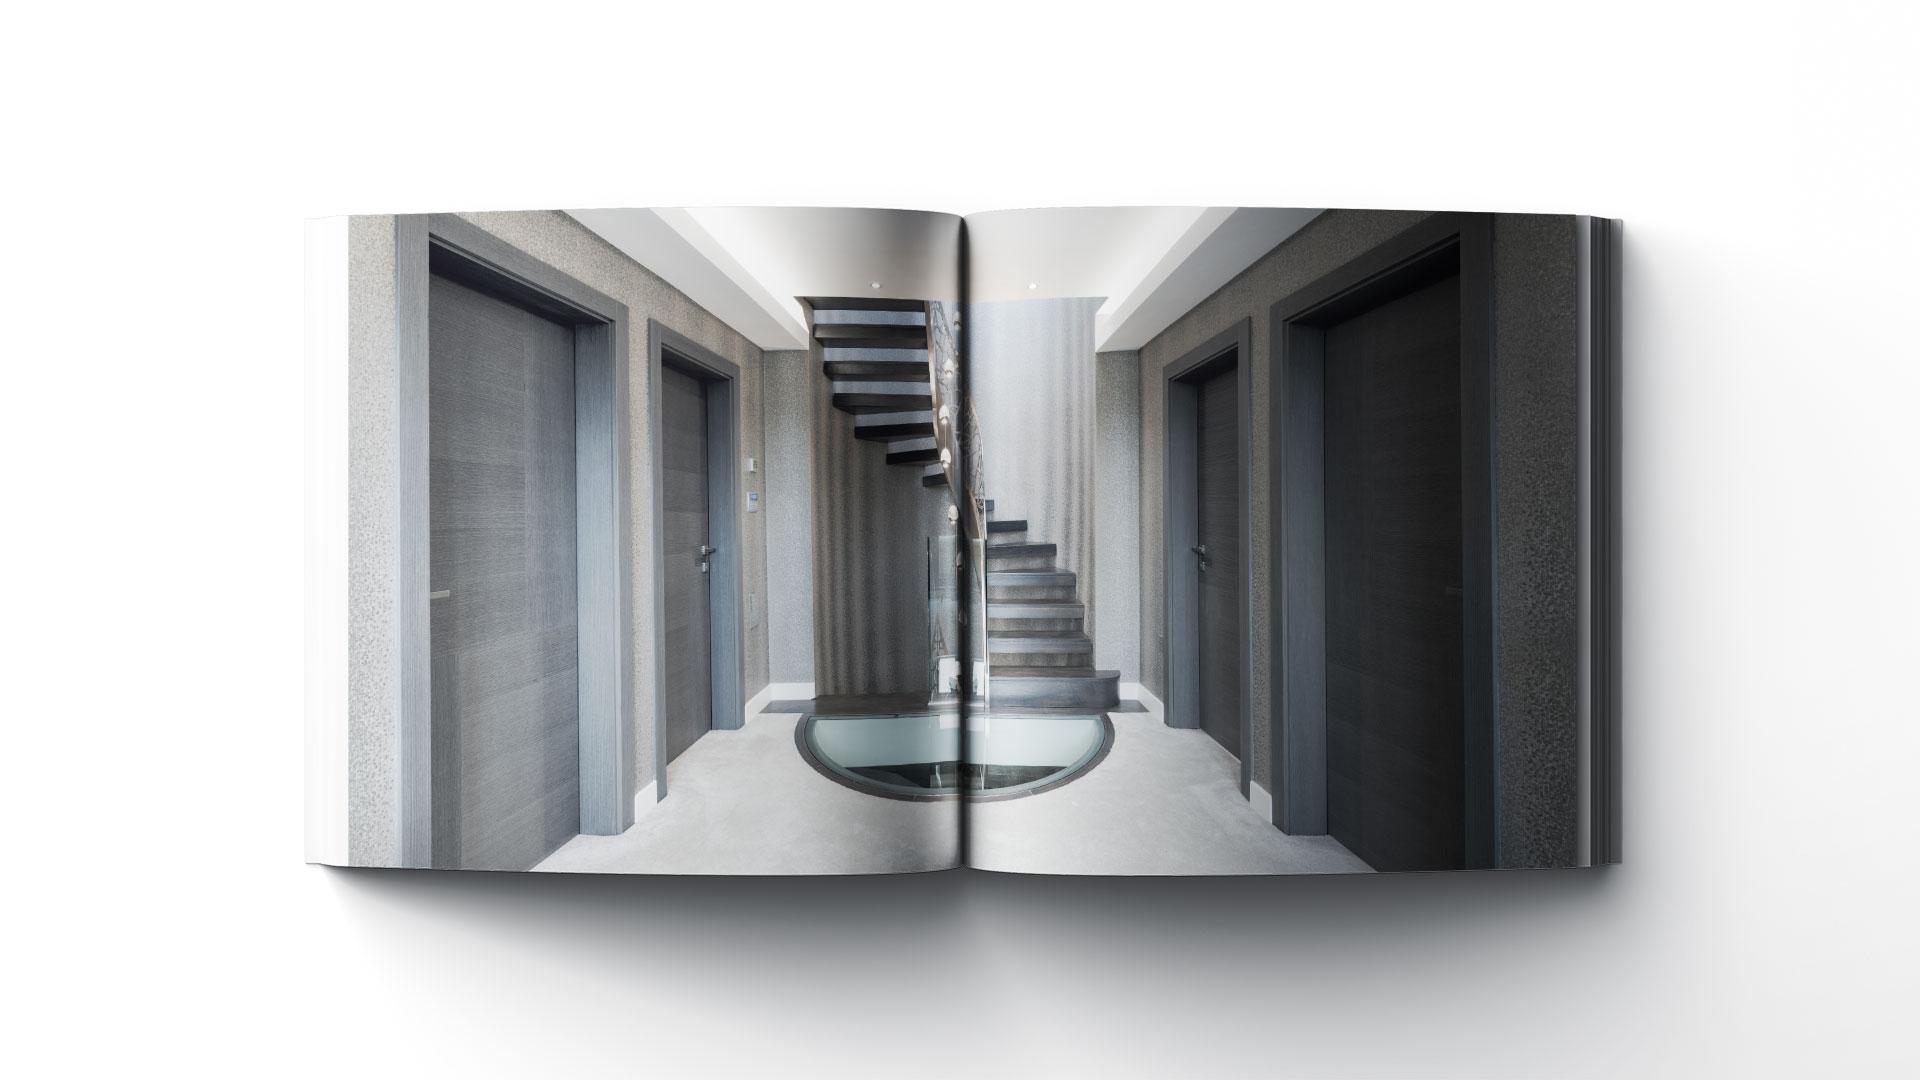 Deuren-Art-of-Door-Book-Spread-8